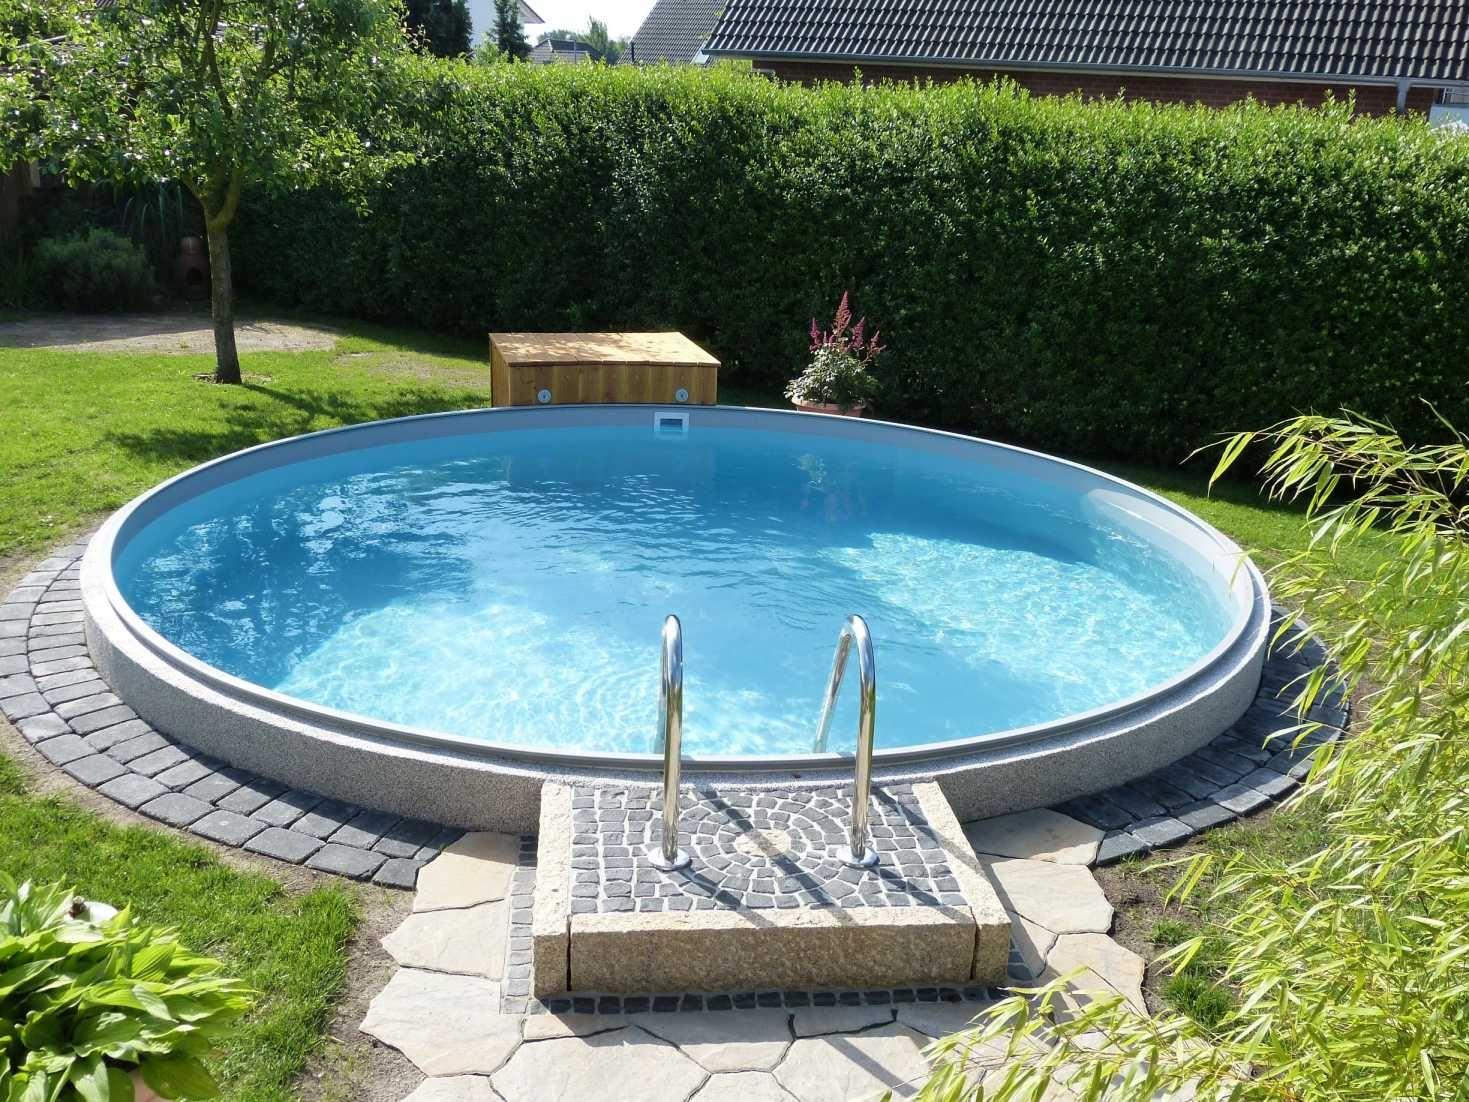 Kleiner Pool Im Garten Einzigartig Kleiner Pool Im Garten